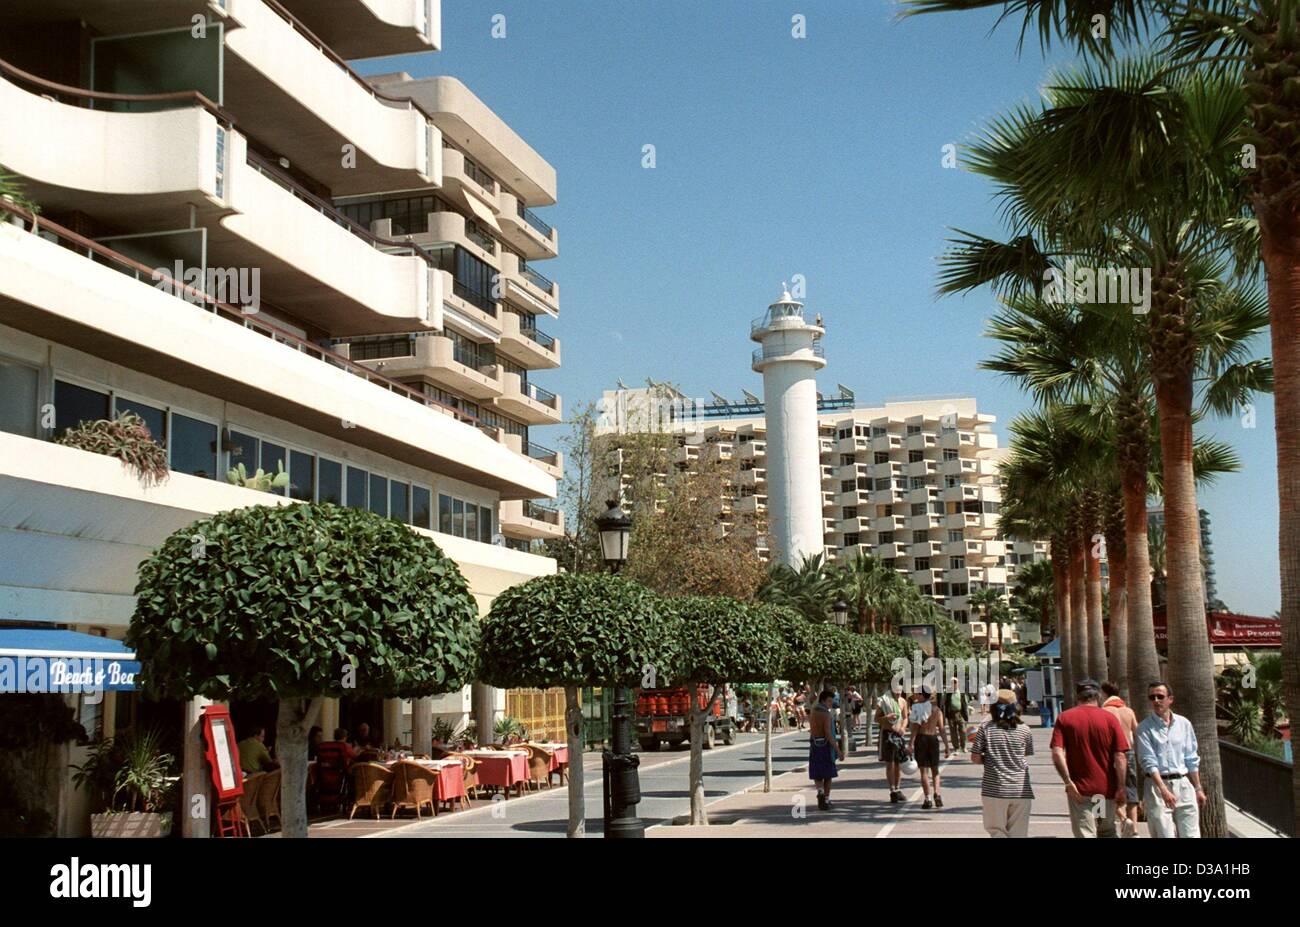 """(Dpa) - Una vista del faro (""""lighthouse') che dava sulla spiaggia Playa del Faro in Marbella il suo nome, Immagini Stock"""